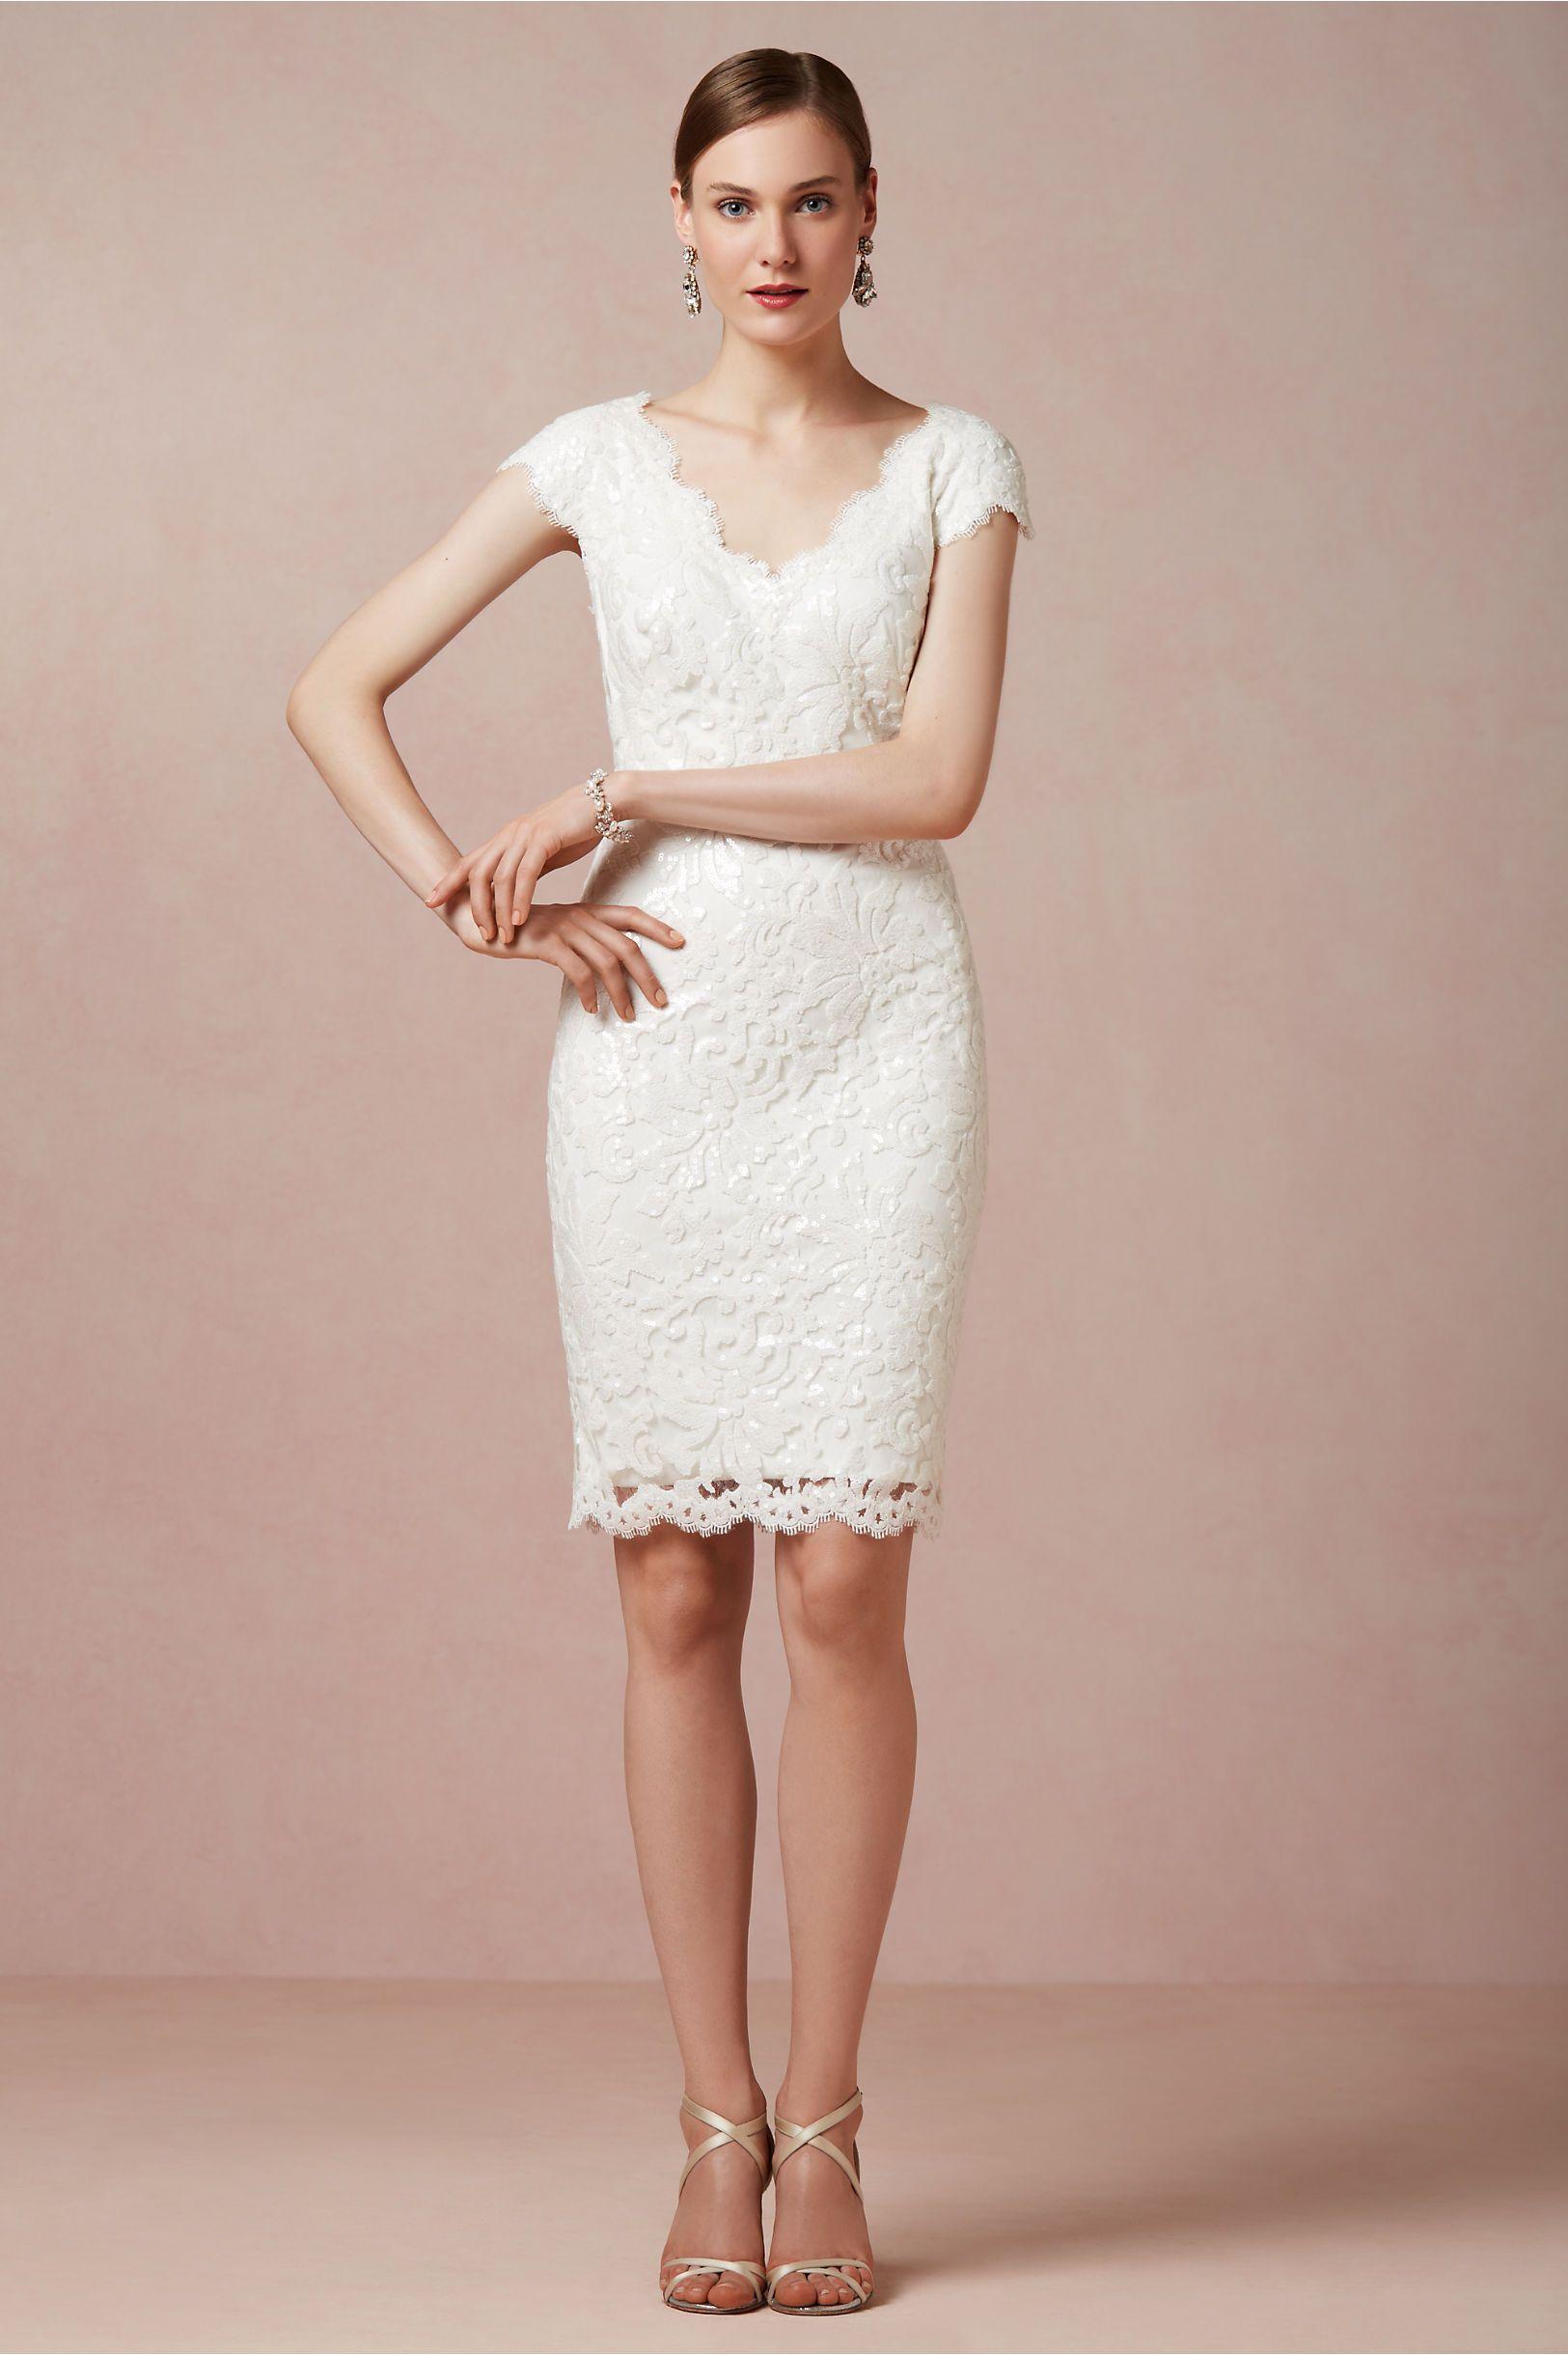 Wedding reception dresses for bride  Bloomshine Dress in Bride Reception Dresses at BHLDN  formal